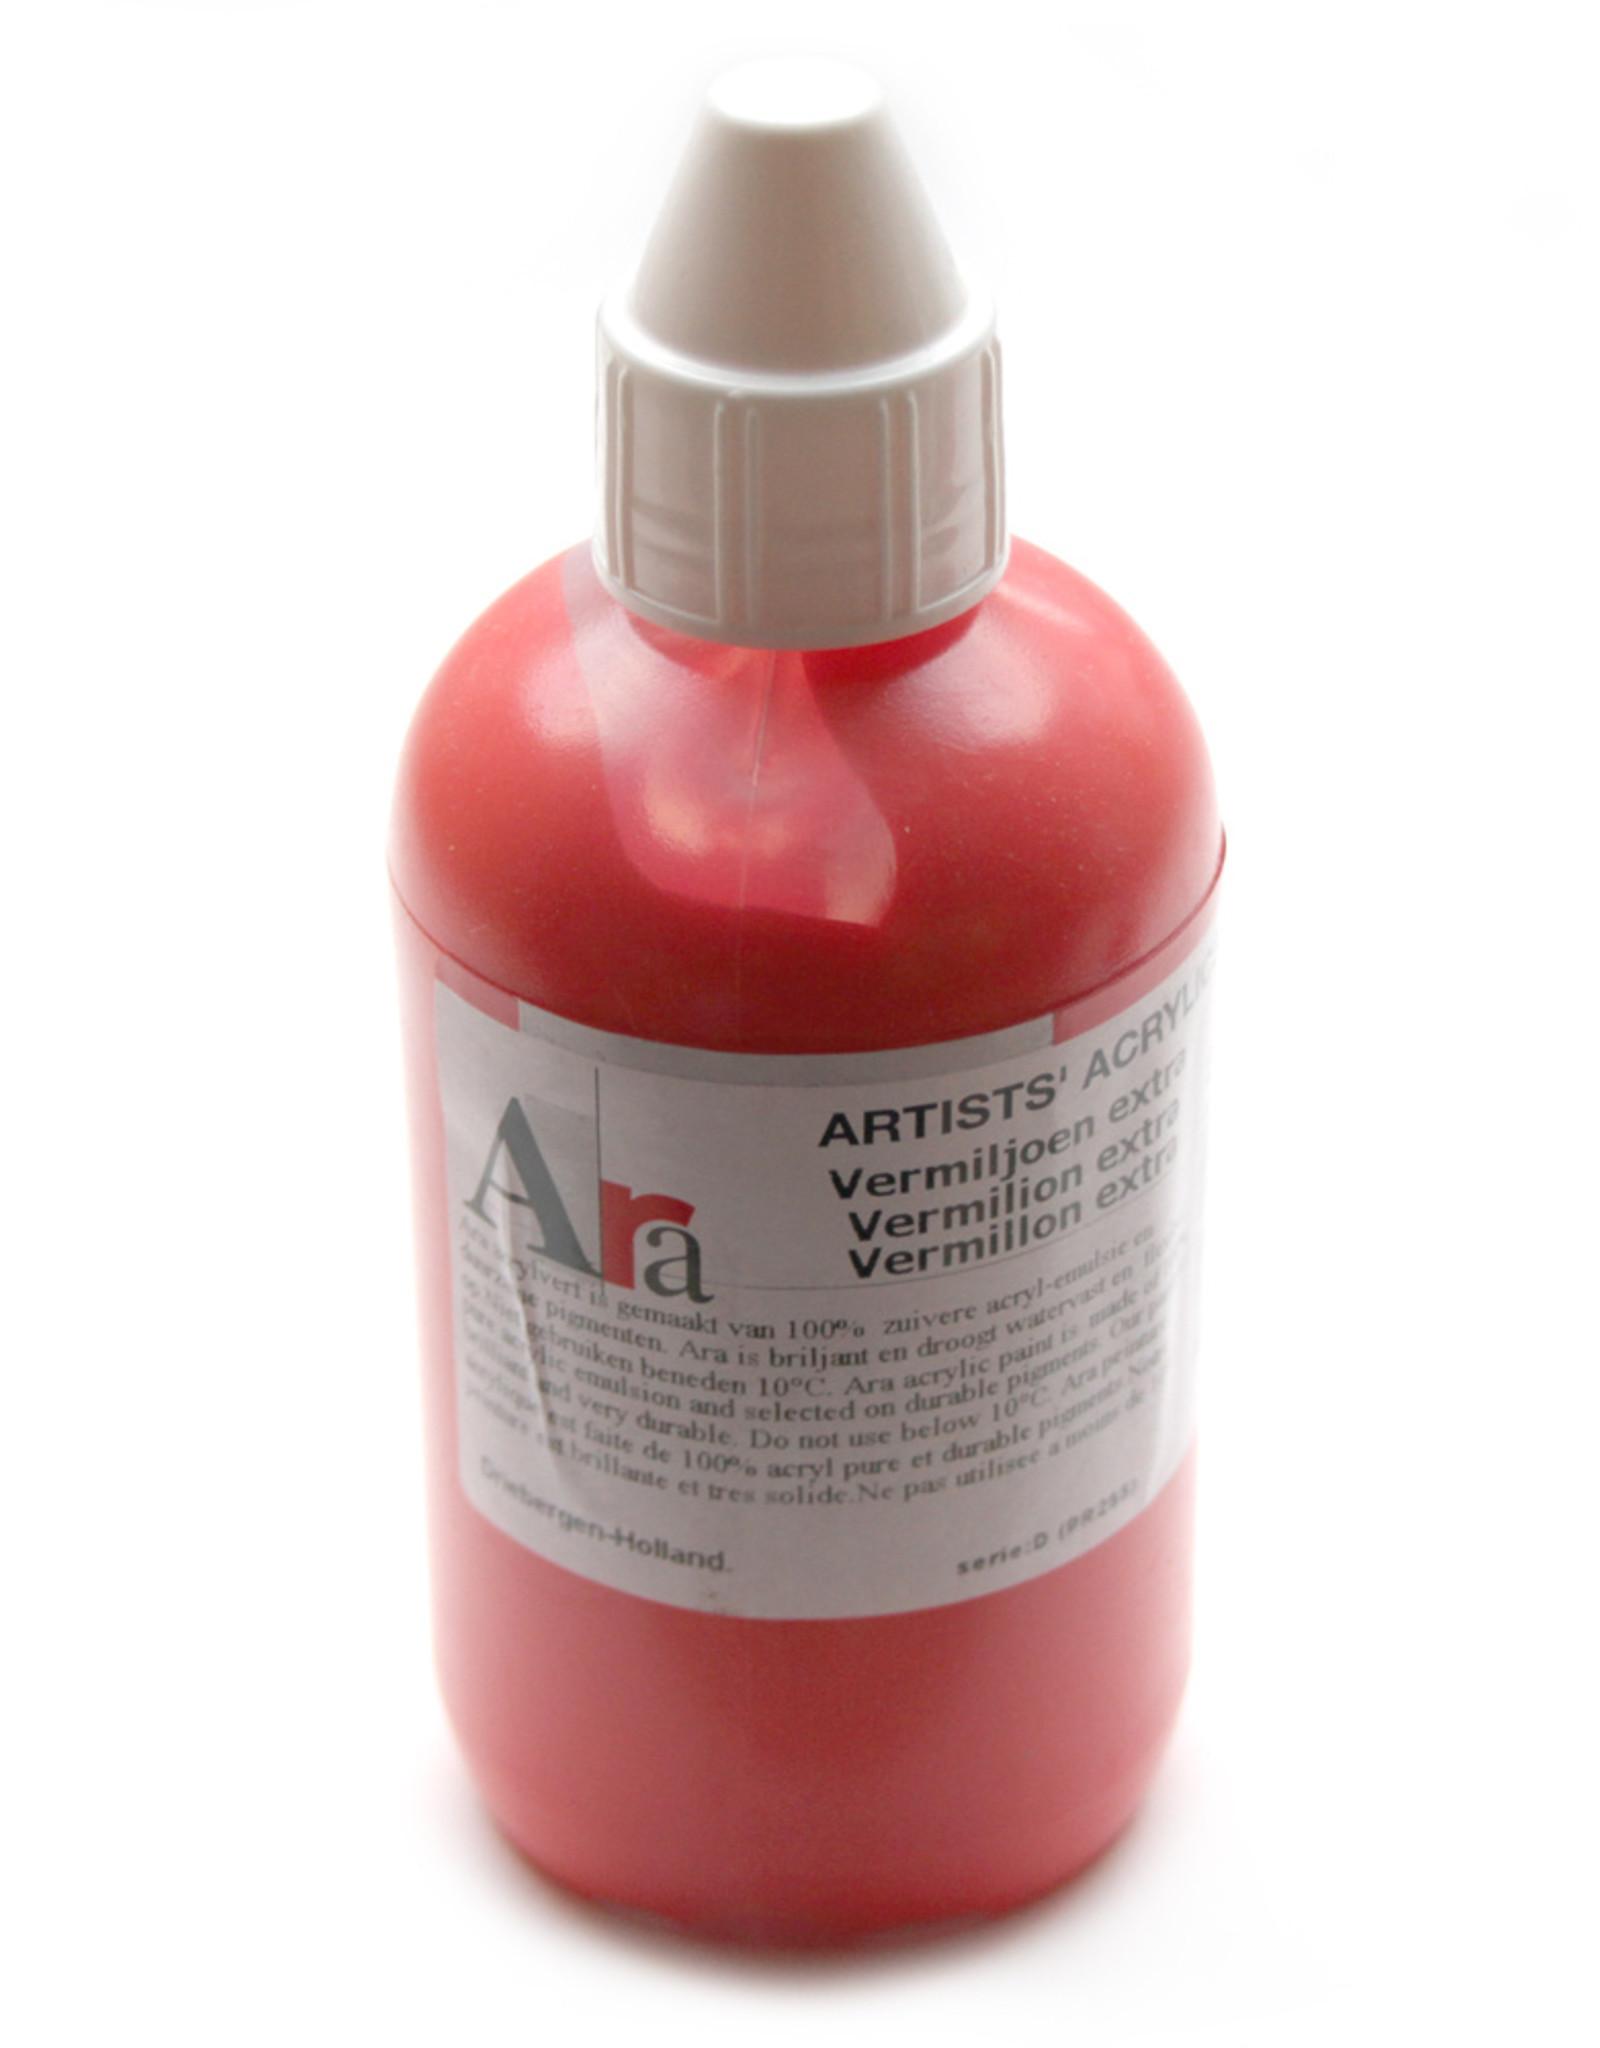 ARA Acrylverf Ara Artists'. Het beste niveau acrylverf 250ml. Hoge pigmentering, gunstige prijs. PAS OP GIFTIG! Enkele pigmenten bevatten Cadmium of Kobalt.